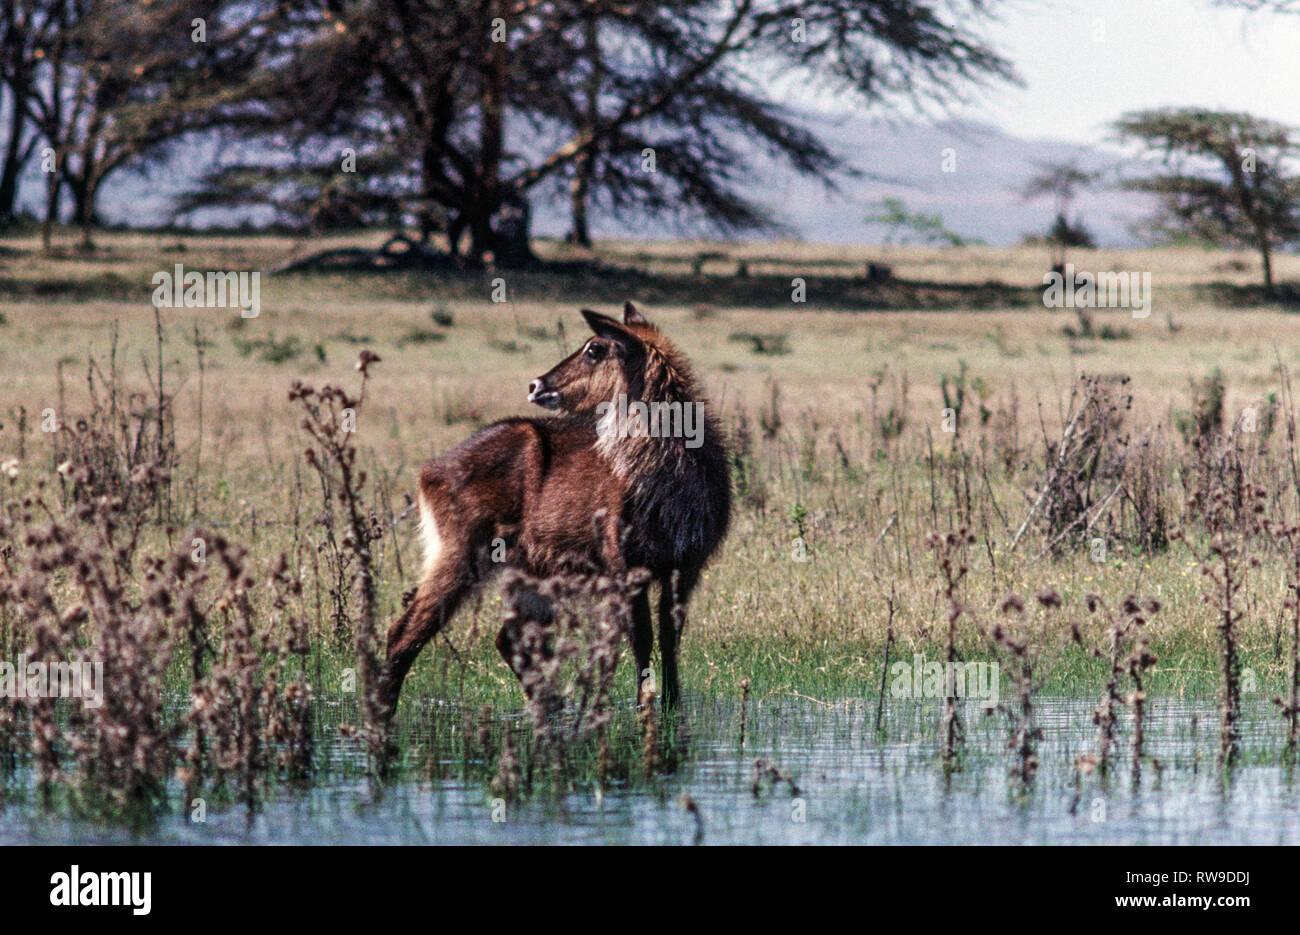 Common  Waterbuck (Kobus ellipsiprymnus).Immature standing near edge of Lake Nakuru. Kenya.East Africa. Stock Photo